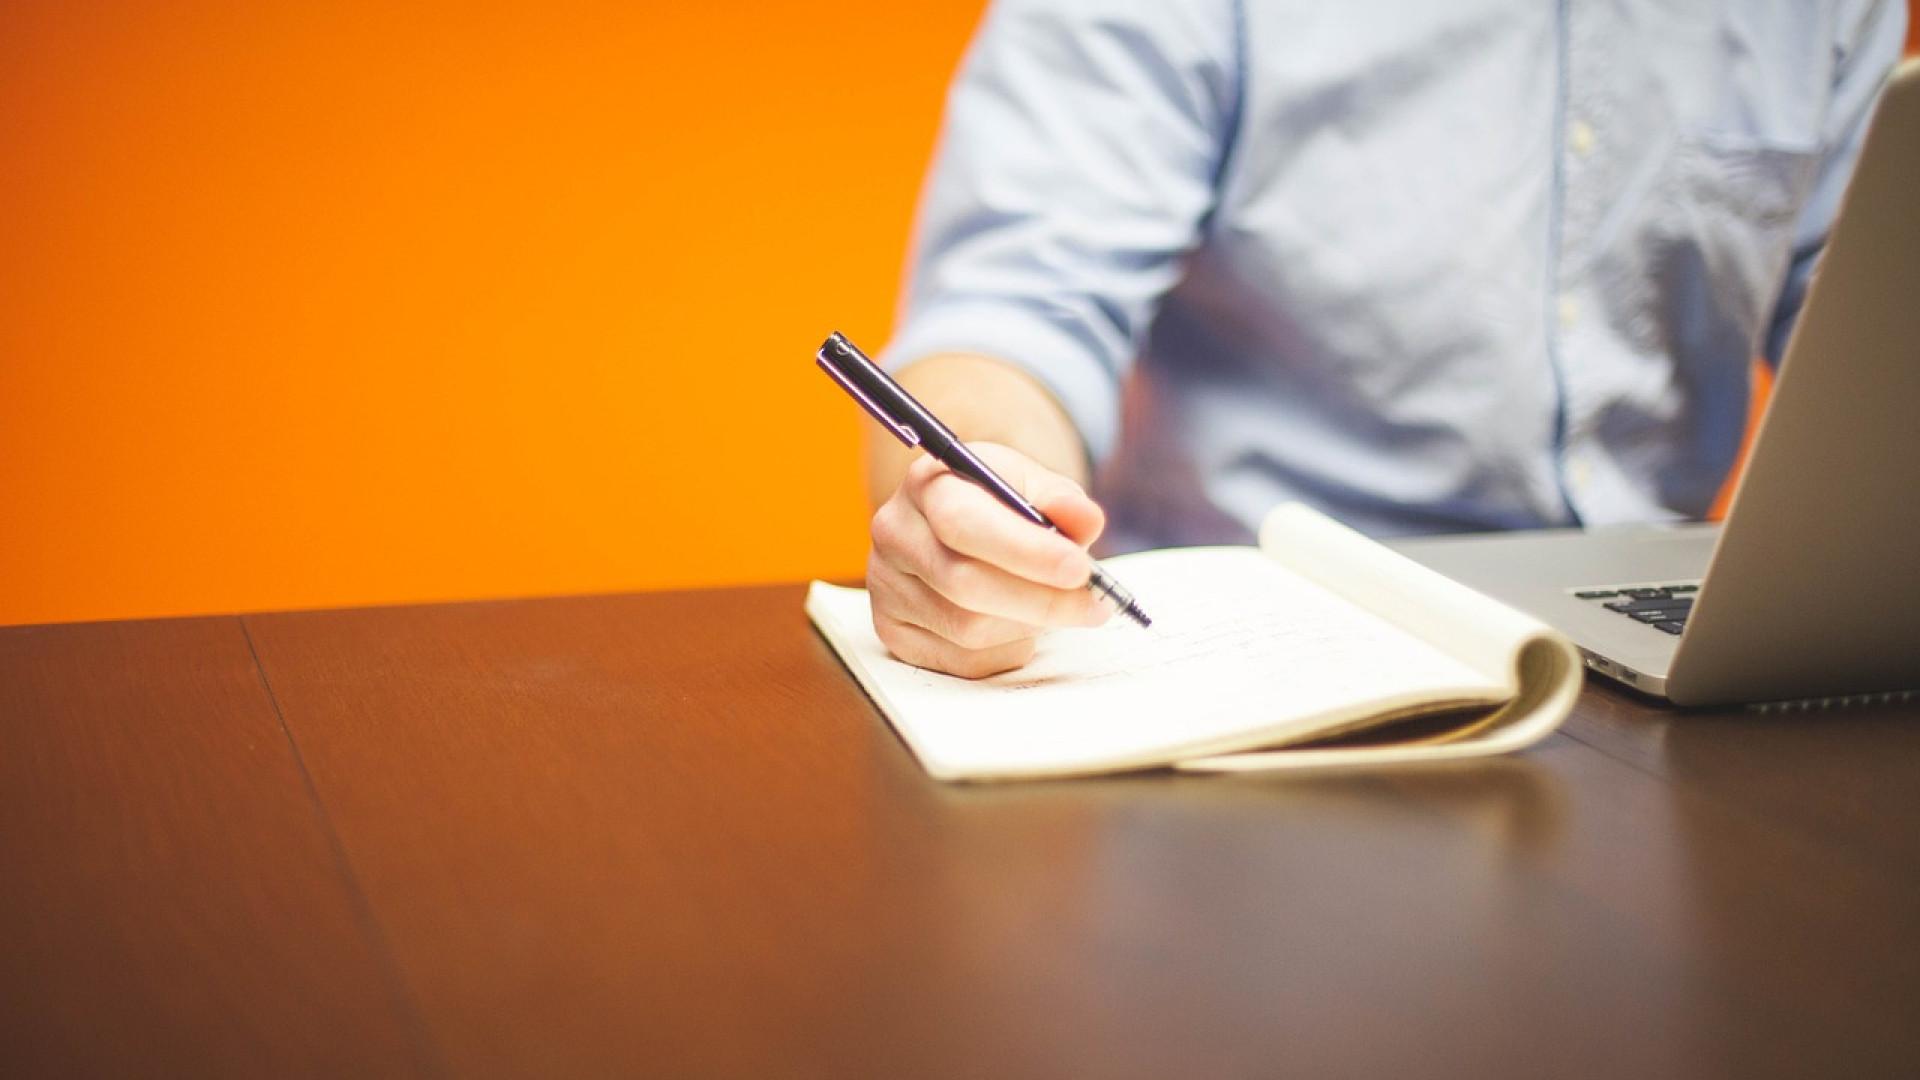 Pourquoi contacter un promoteur immobilier pour l'achat d'une maison ?